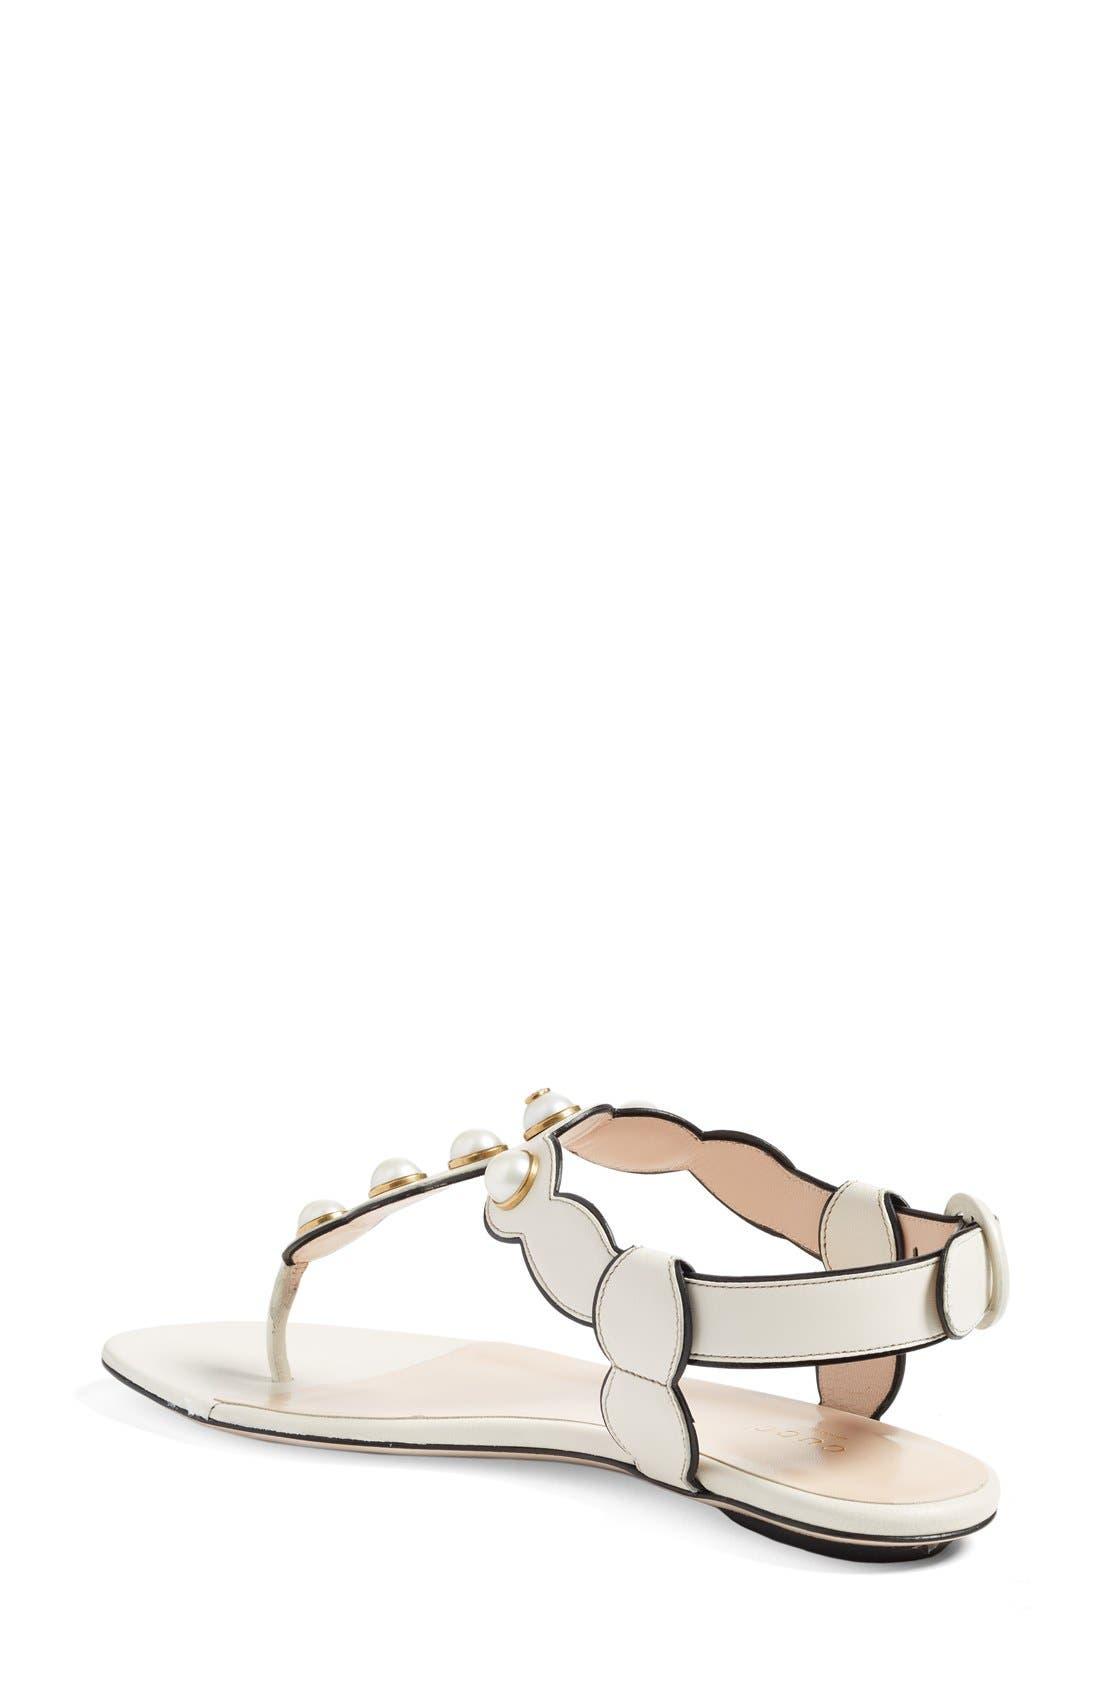 Alternate Image 2  - Gucci 'Willow' Thong Sandal (Women)